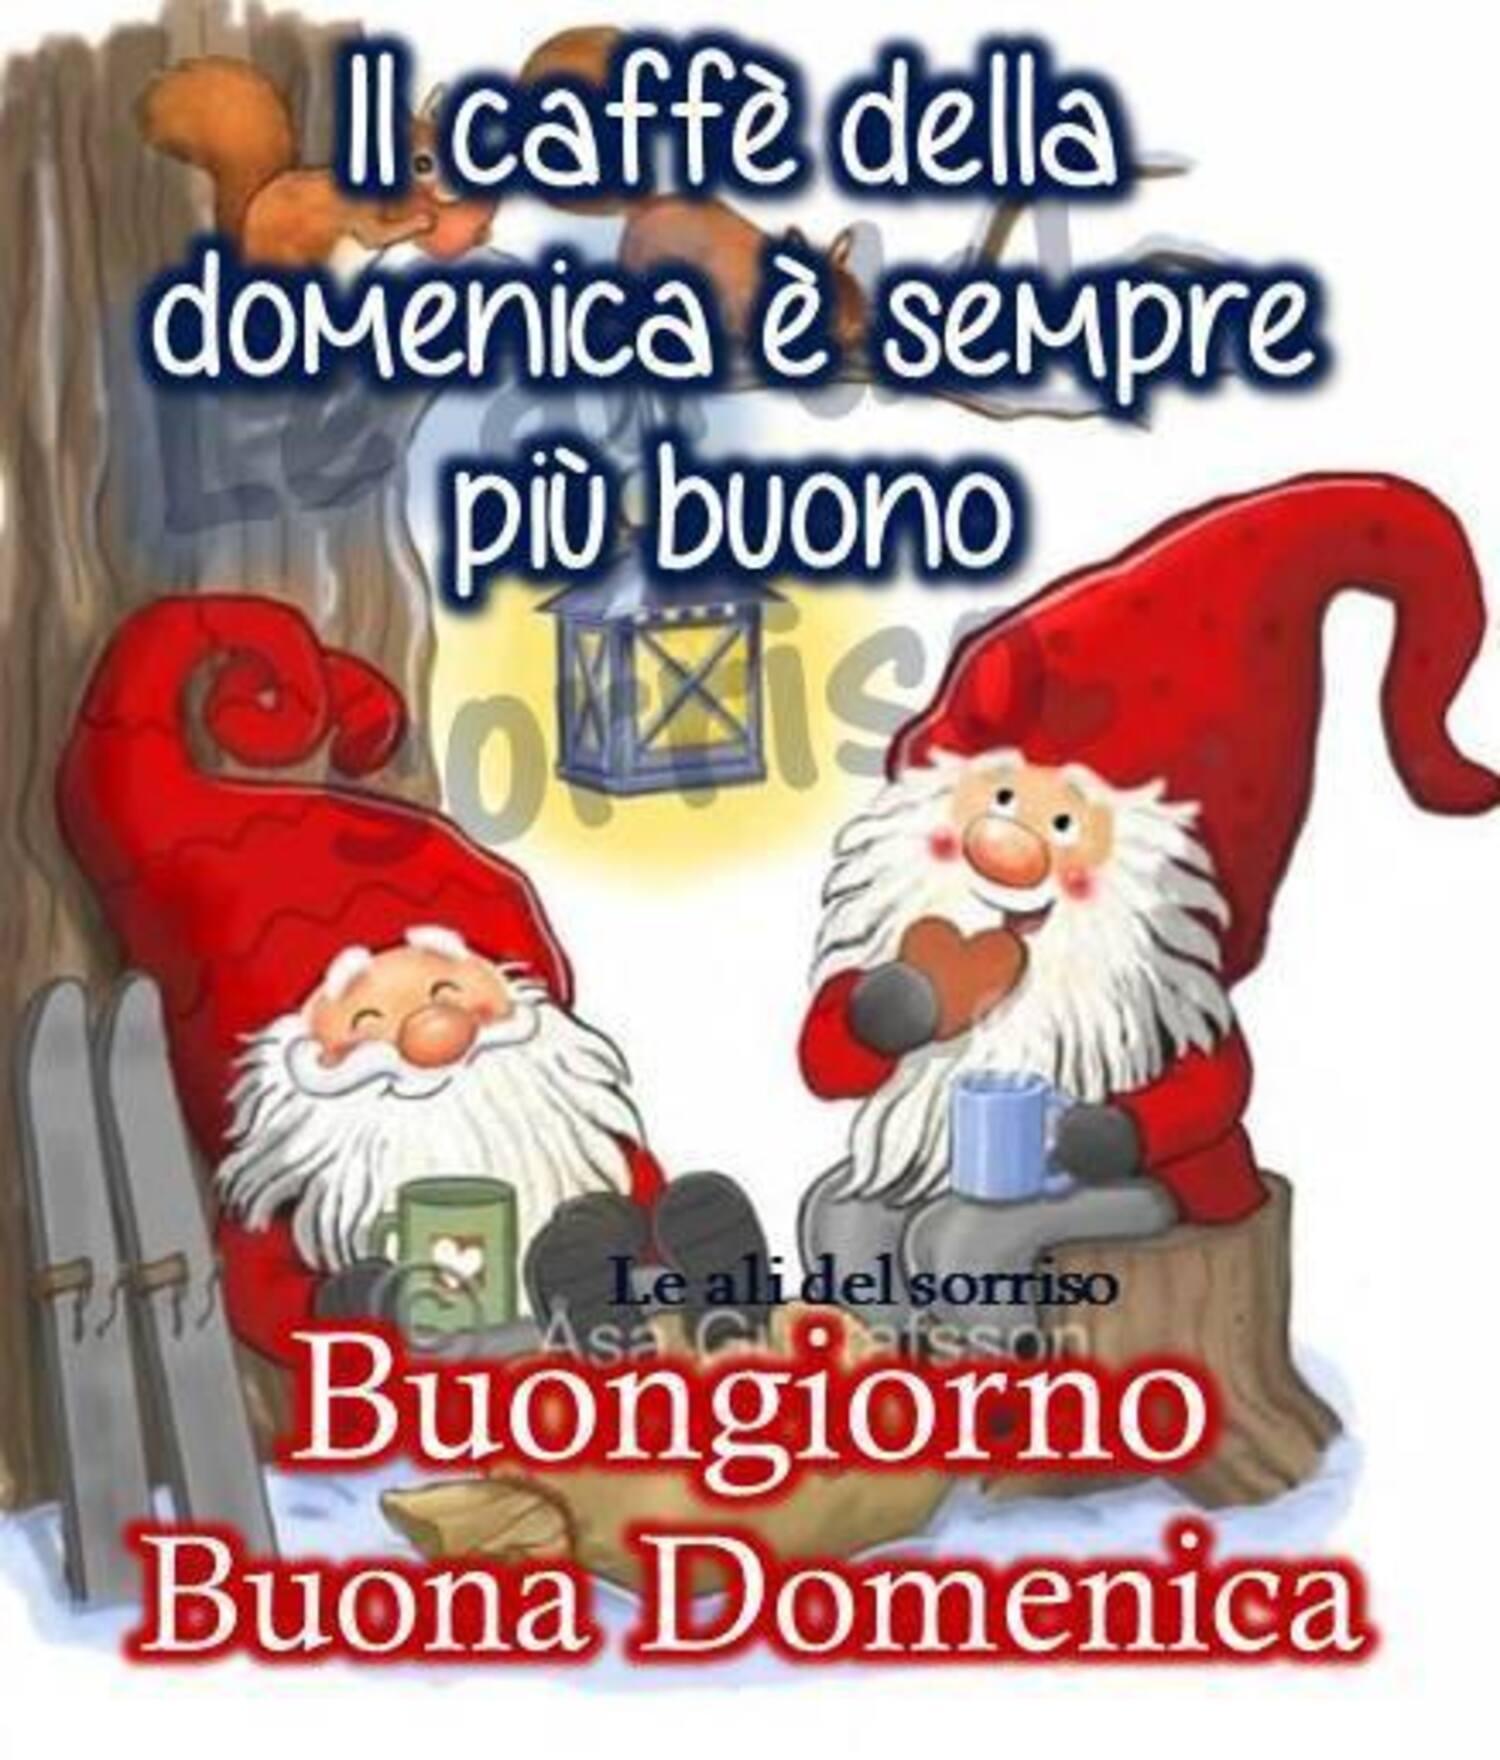 Buon Giorno e Buona Domenica immagini natalizie